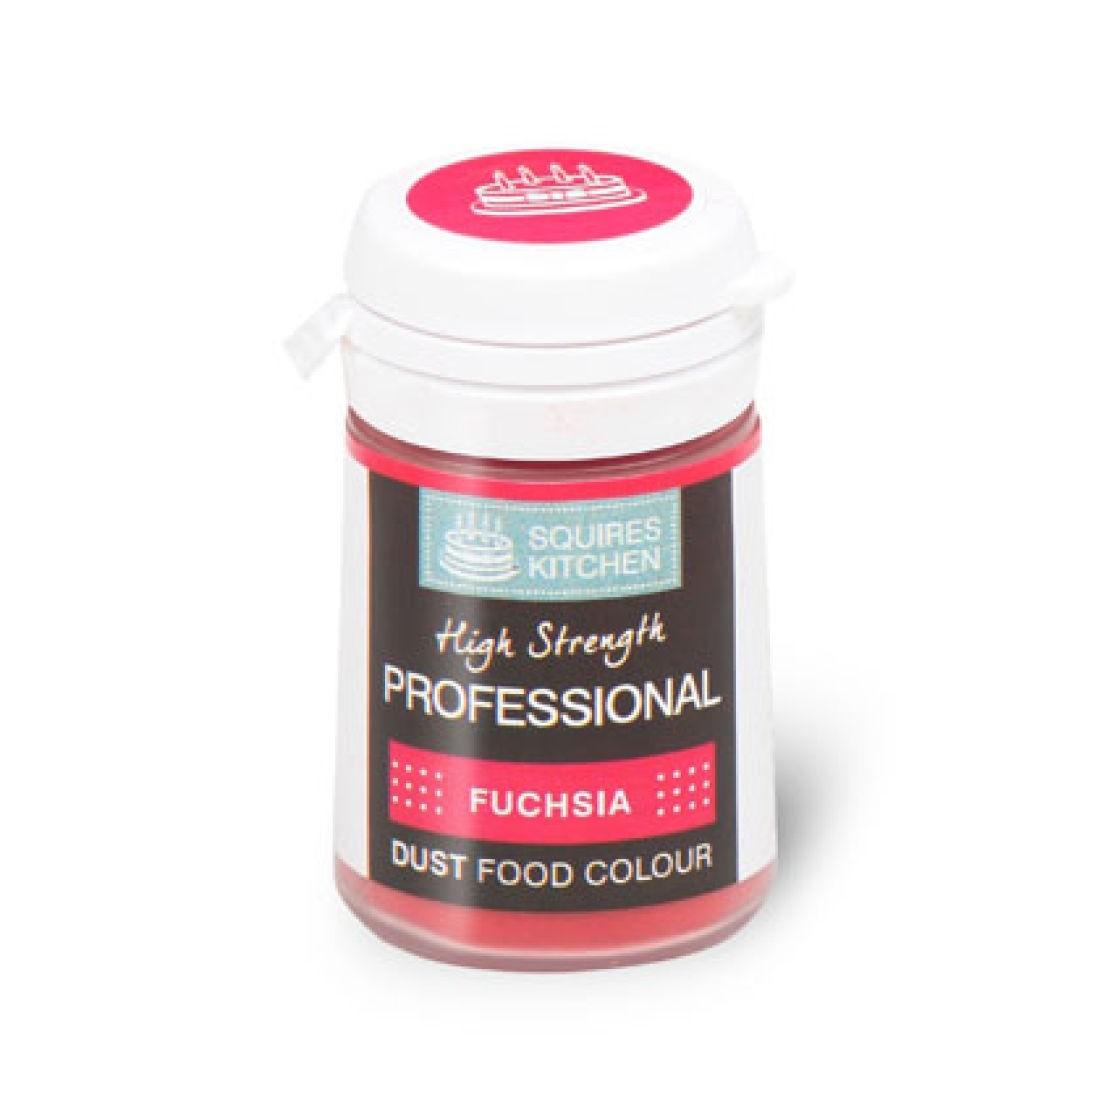 SK Professional Dust Food Colour Fuchsia